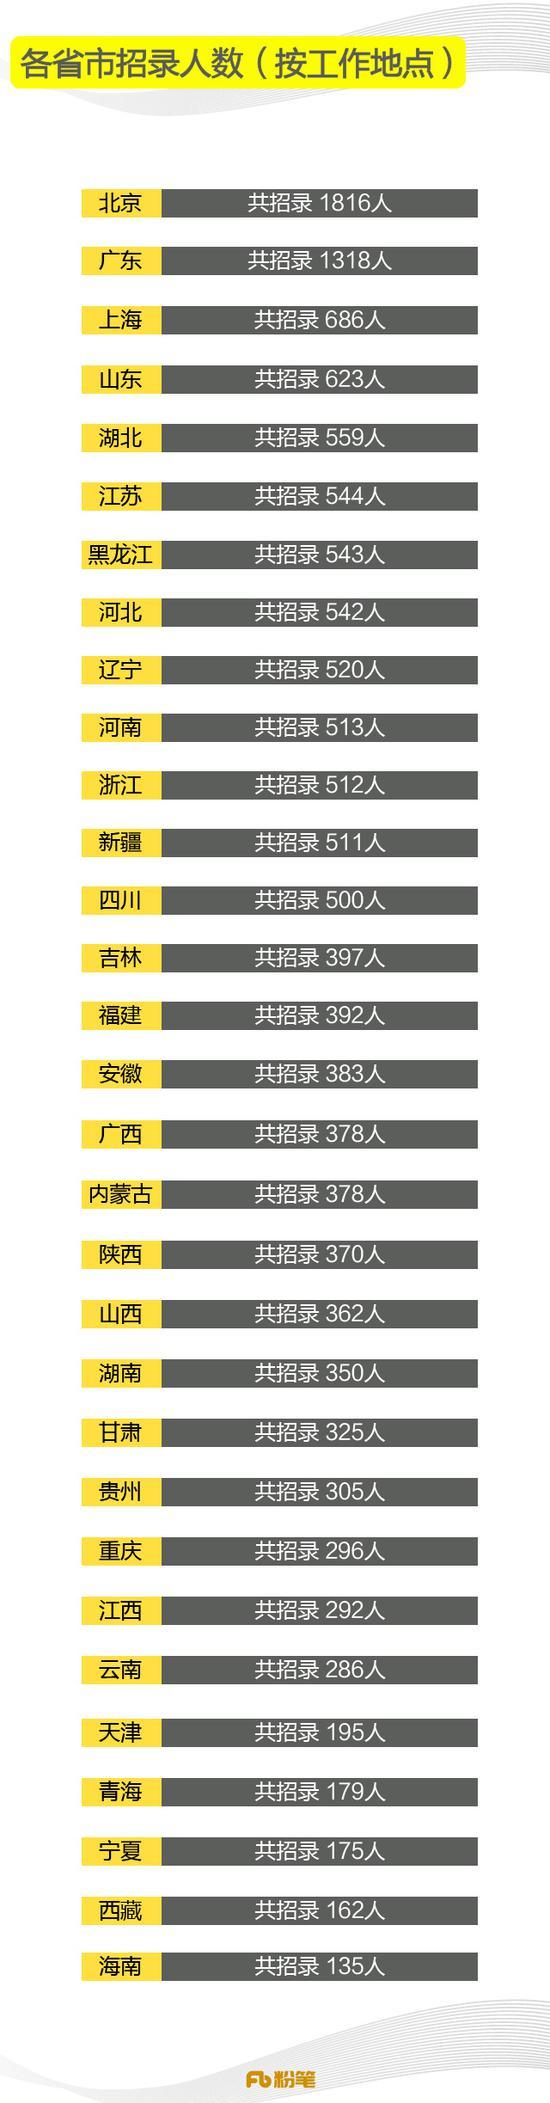 2019国考职位表已出,招录人数创历年新低